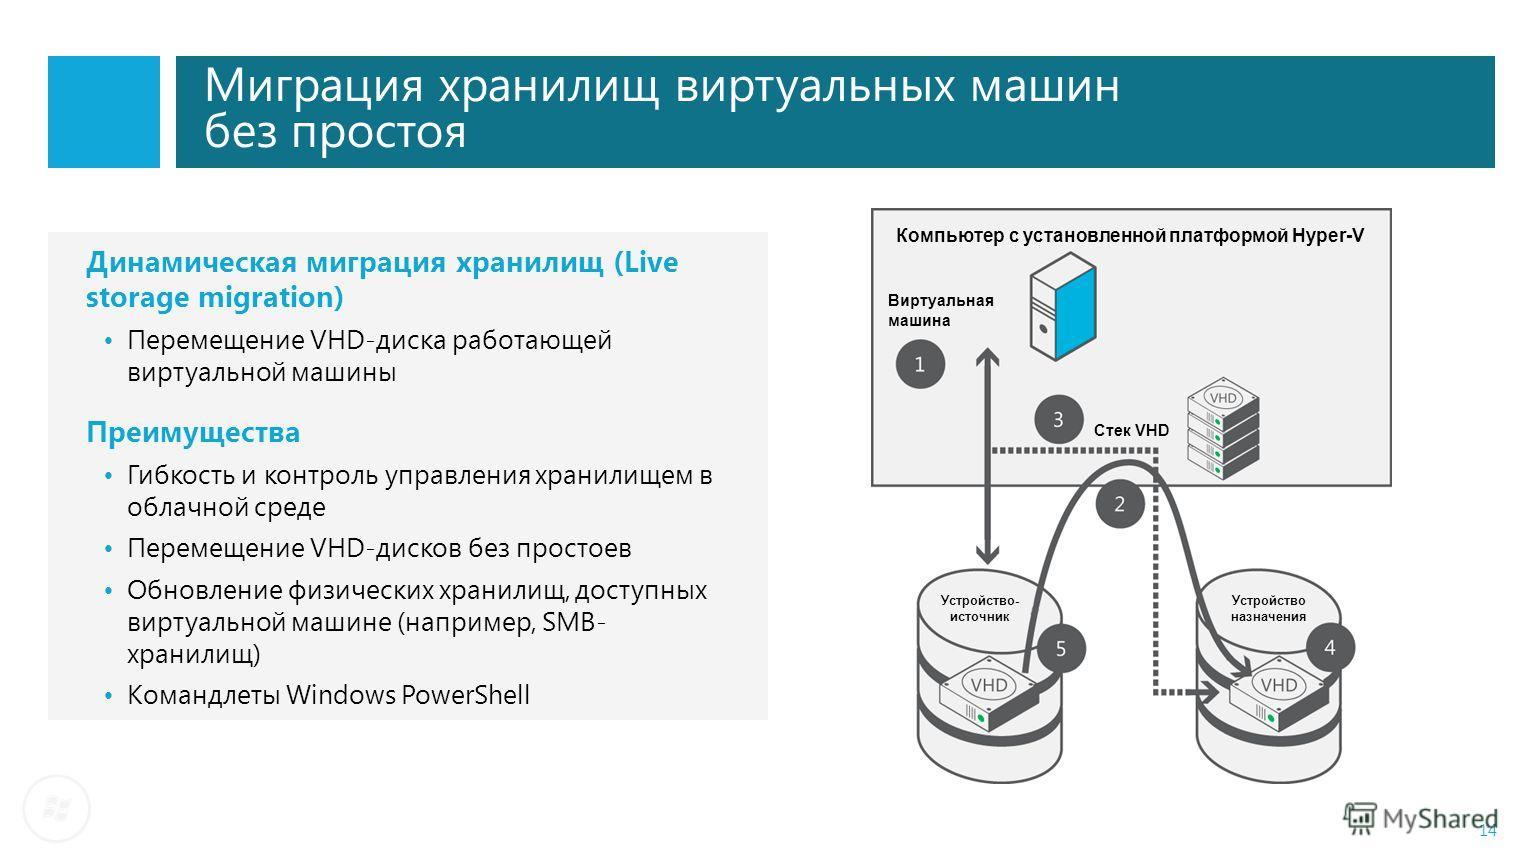 Миграция хранилищ виртуальных машин без простоя 14 Динамическая миграция хранилищ (Live storage migration) Перемещение VHD-диска работающей виртуальной машины Преимущества Гибкость и контроль управления хранилищем в облачной среде Перемещение VHD-дис